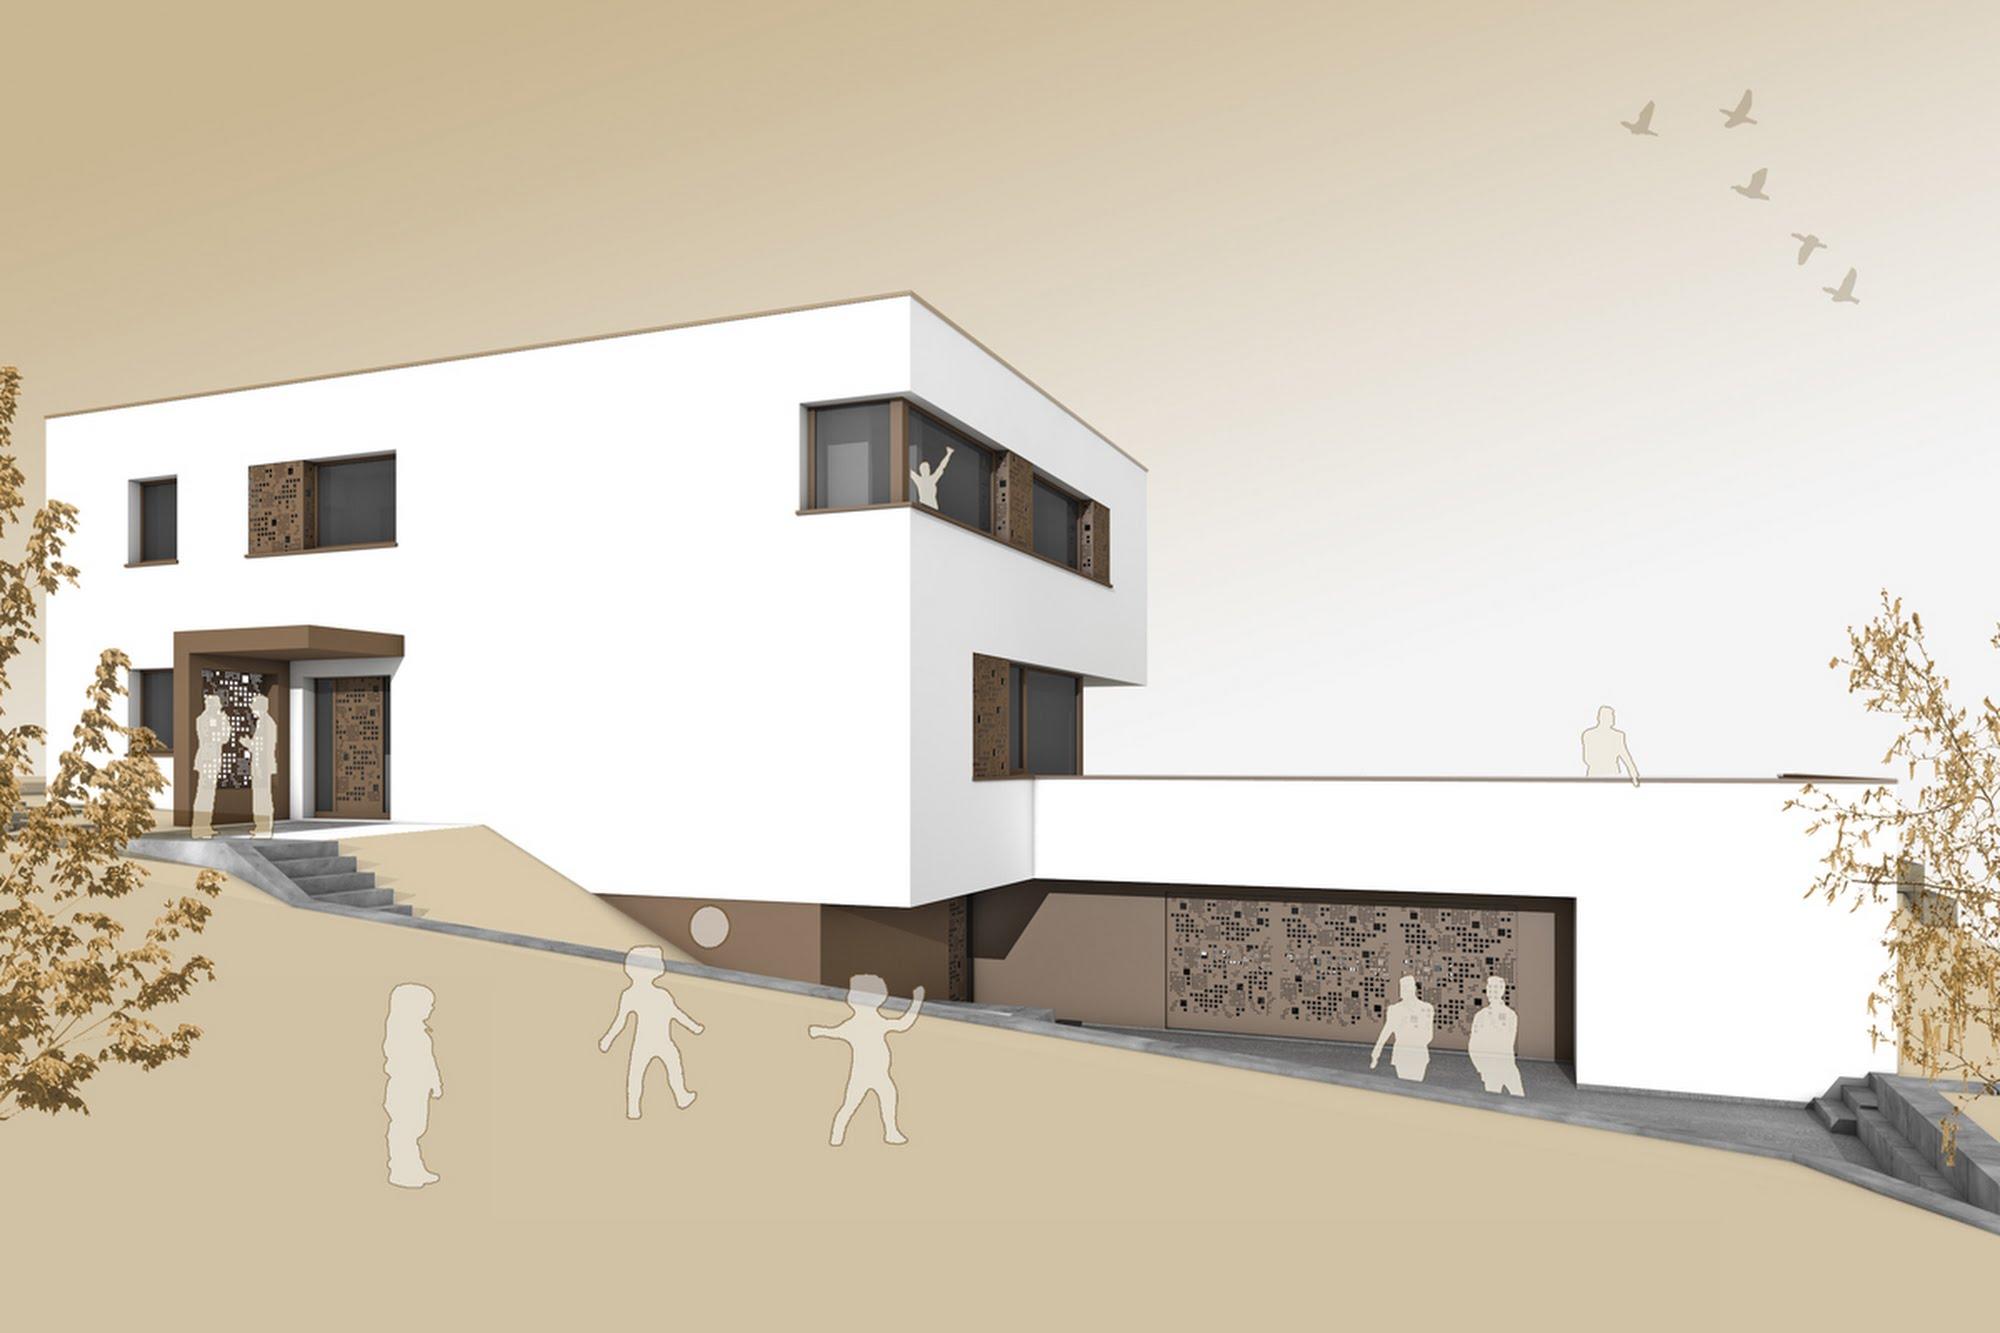 Wohnen EFH EFH am Zürichsee Architektur,Wohnungsbau,Wohnhäuser,Einfamilienhäuser,Mehrfamilienhäuser